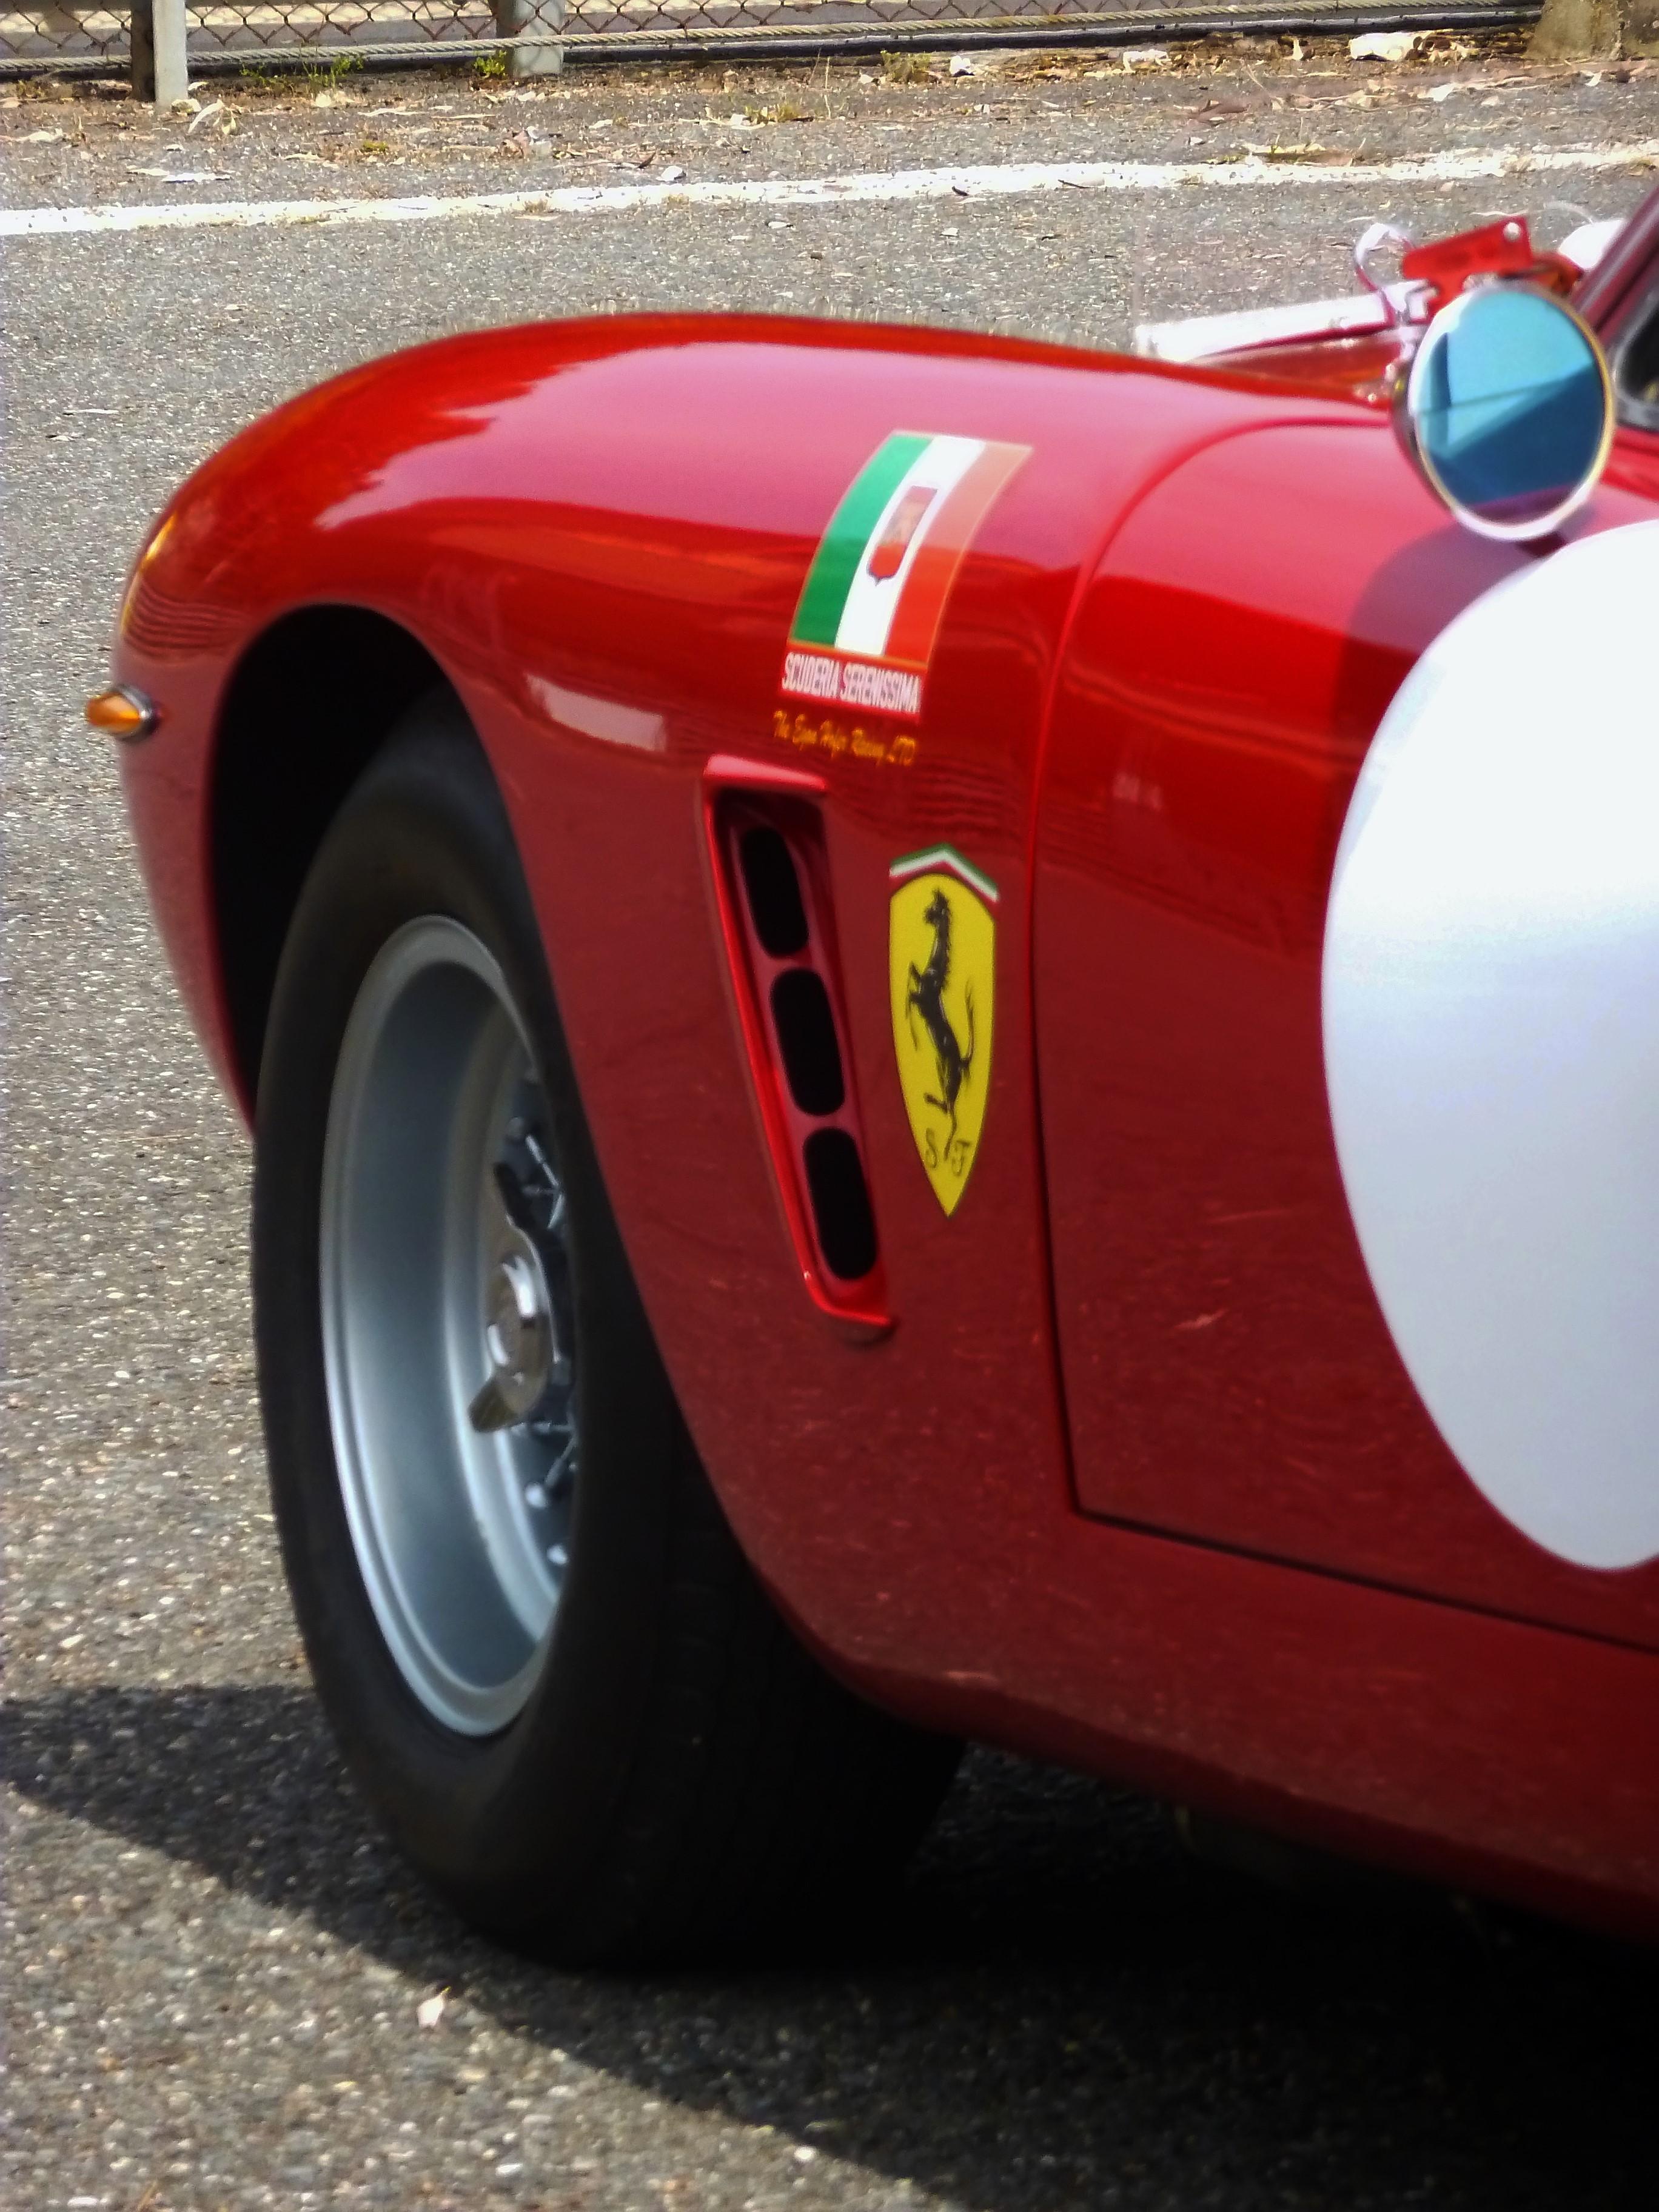 1961 Ferrari 250 GT SWB #2701 (59)_filtered